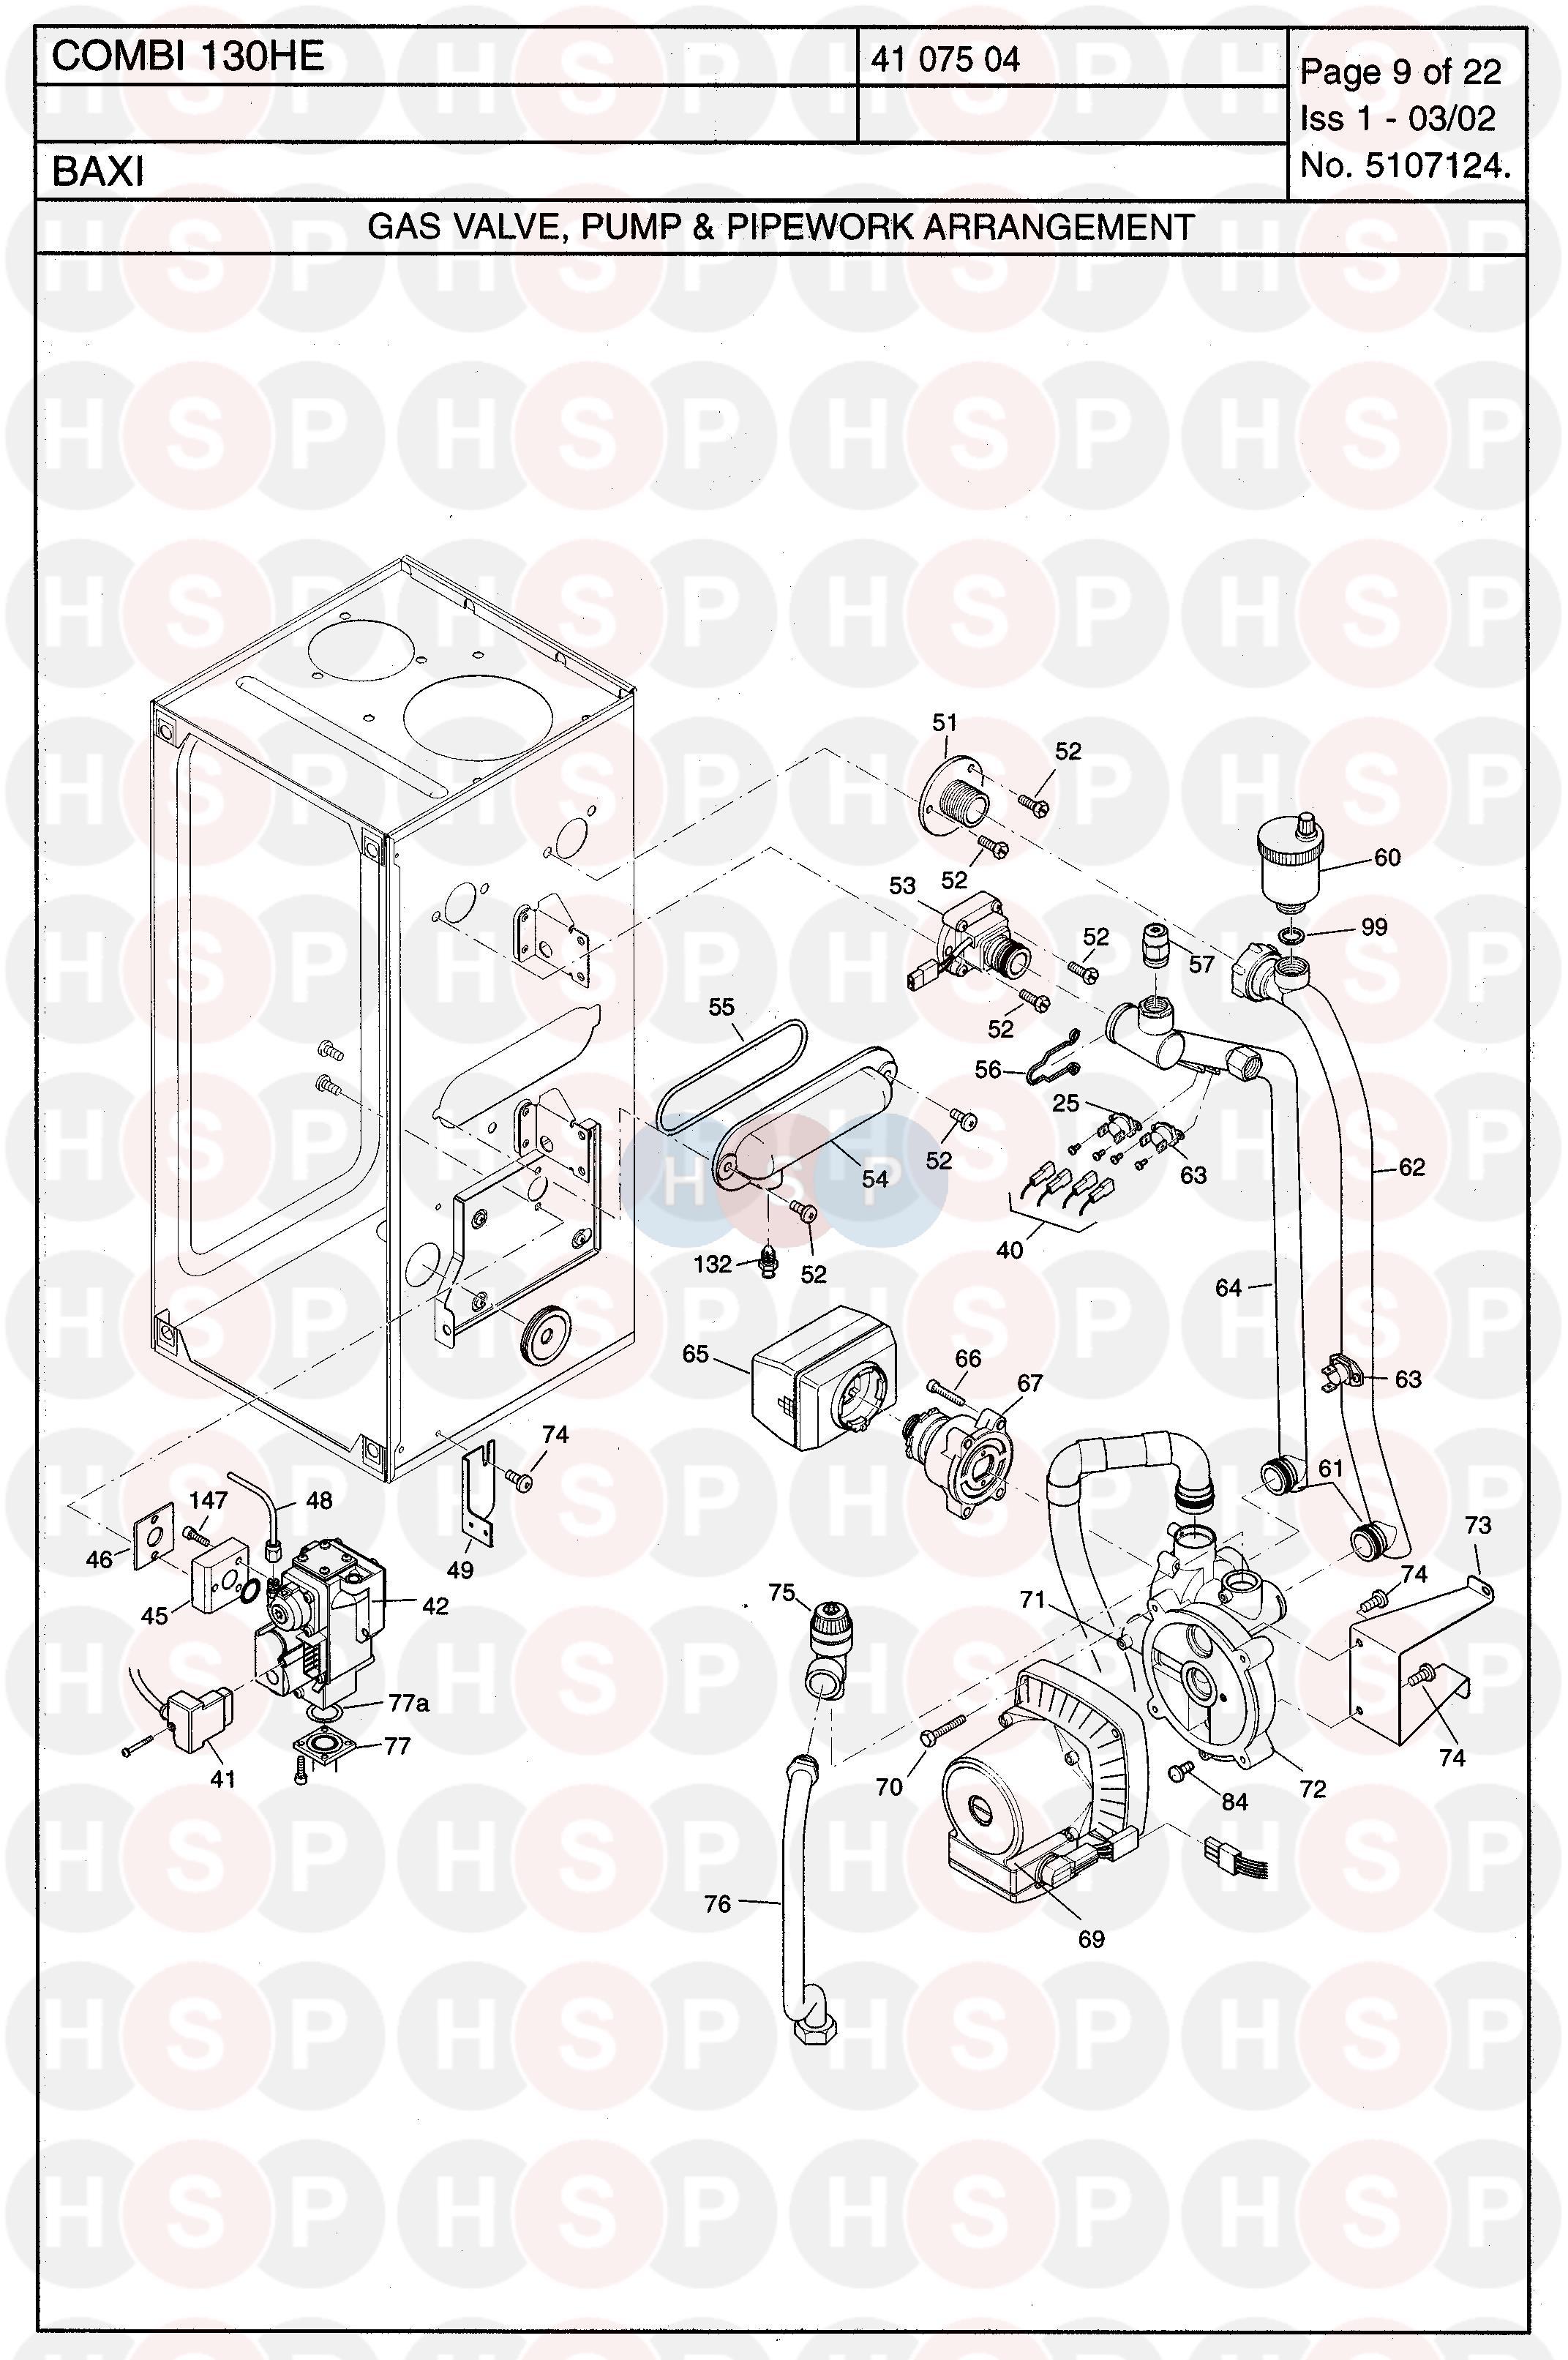 Baxi COMBI 130HE Appliance Diagram (GAS VALVE/PUMP